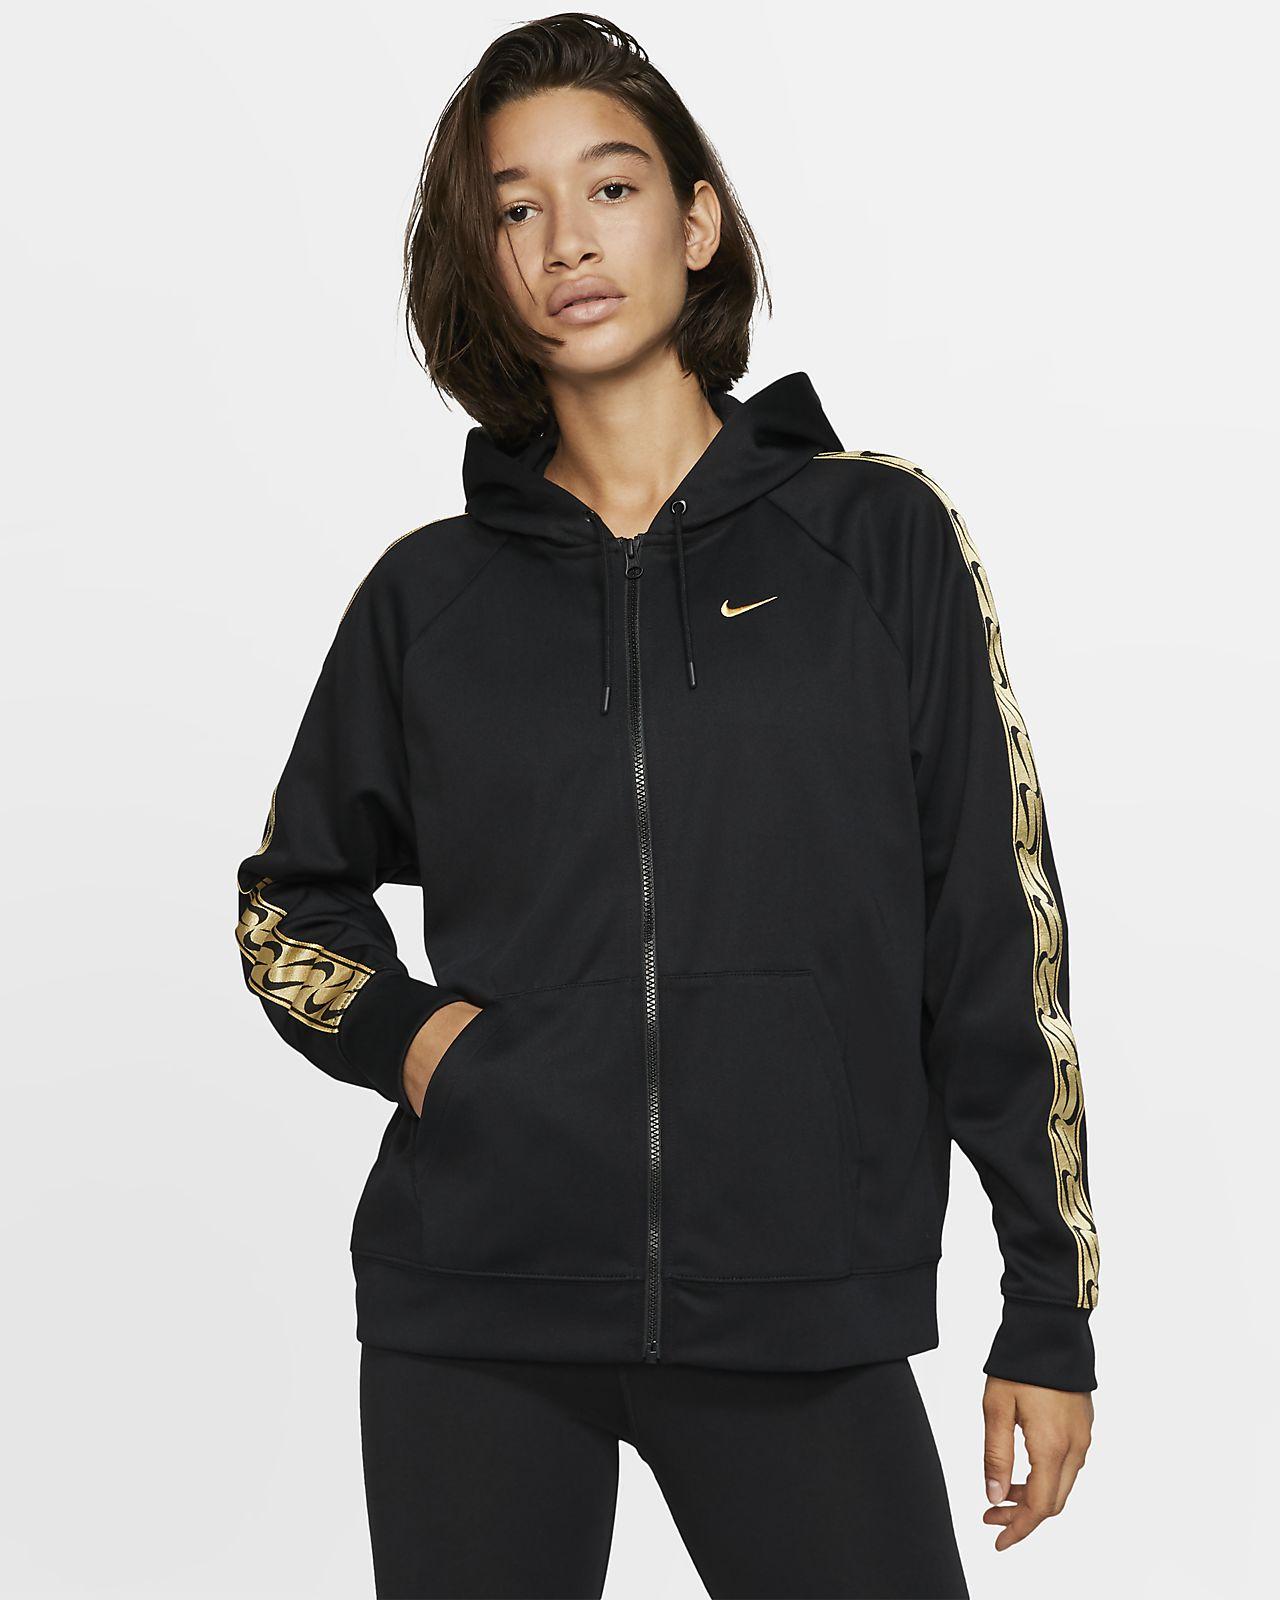 Nike Sportswear Women's Logo Full-Zip Hoodie